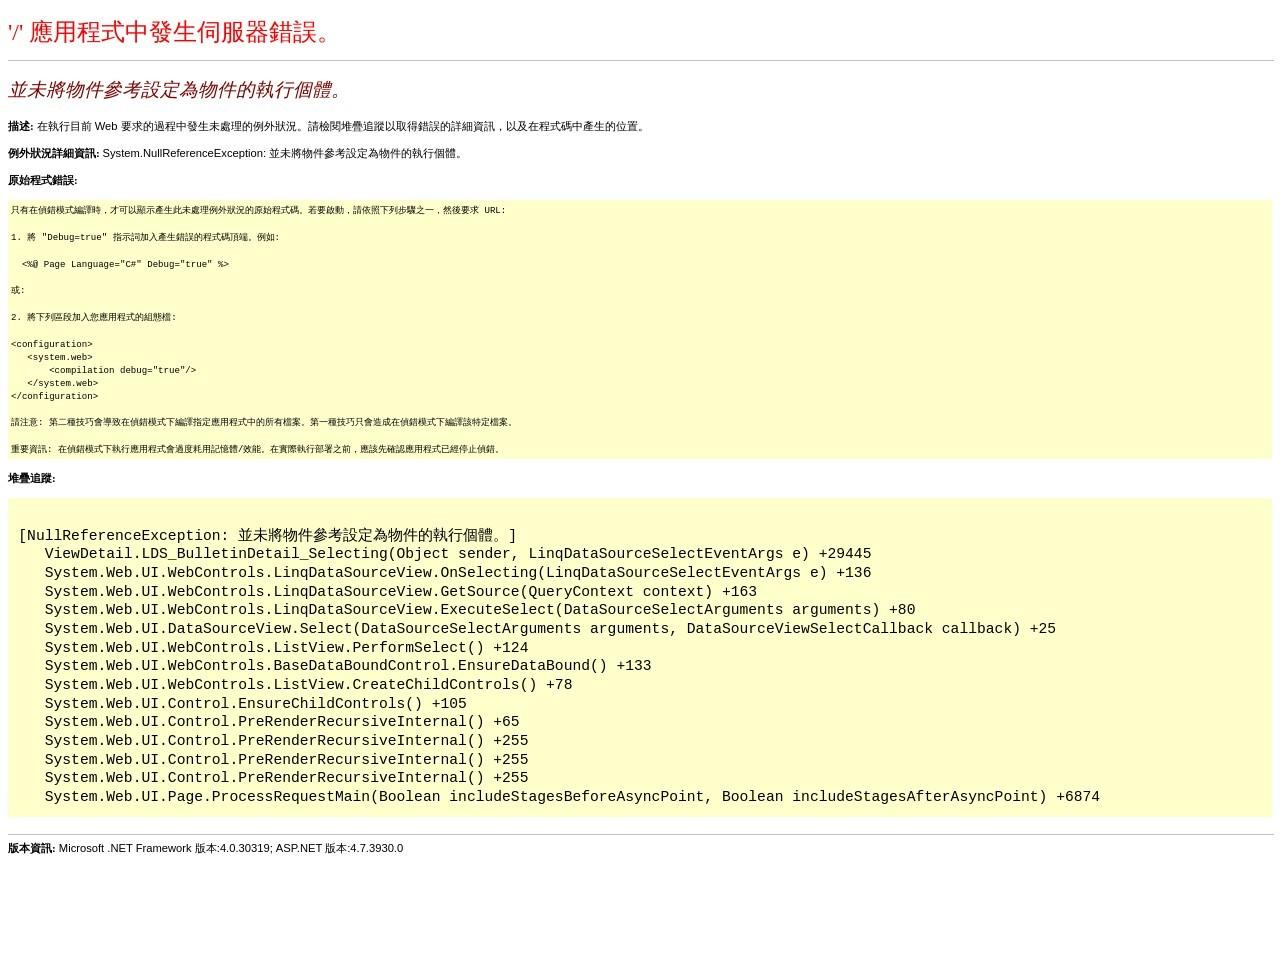 轉知社團法人台灣自殺防治學會辦理之「展現行動創造希 望徵件活動」訊息,請查照。